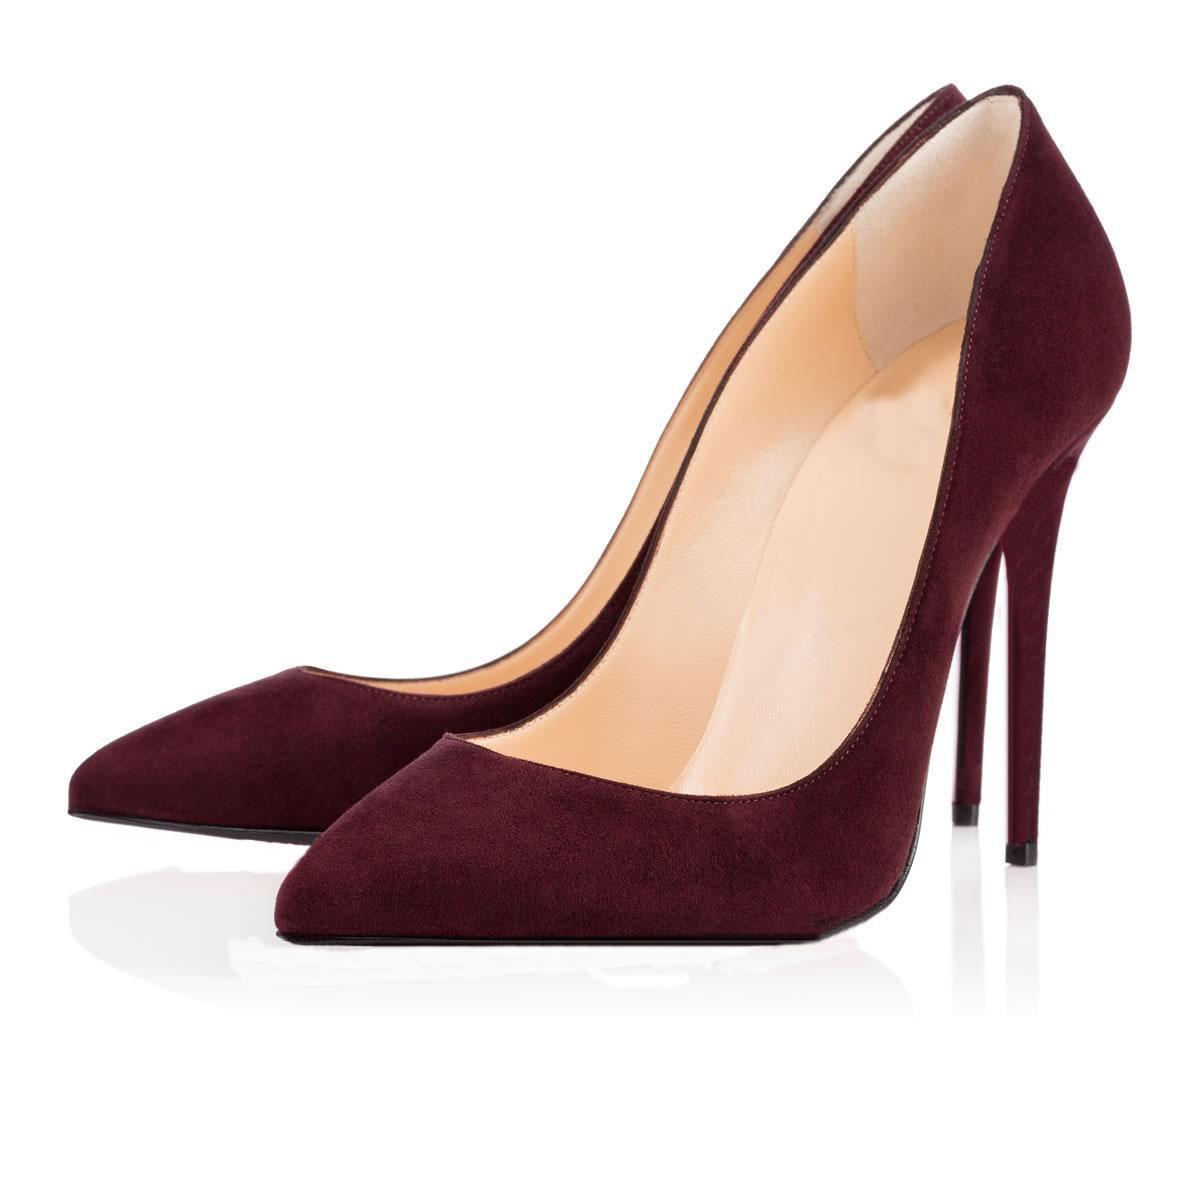 الرخيصة قيعان الحمراء الكعب العالي المرأة اللباس والأحذية 8CM 10CM 12CM فاخر مصمم الأزياء عاري أسود جلد أصابع القدم المدببة مضخات العلامة التجارية الأحذية cs09